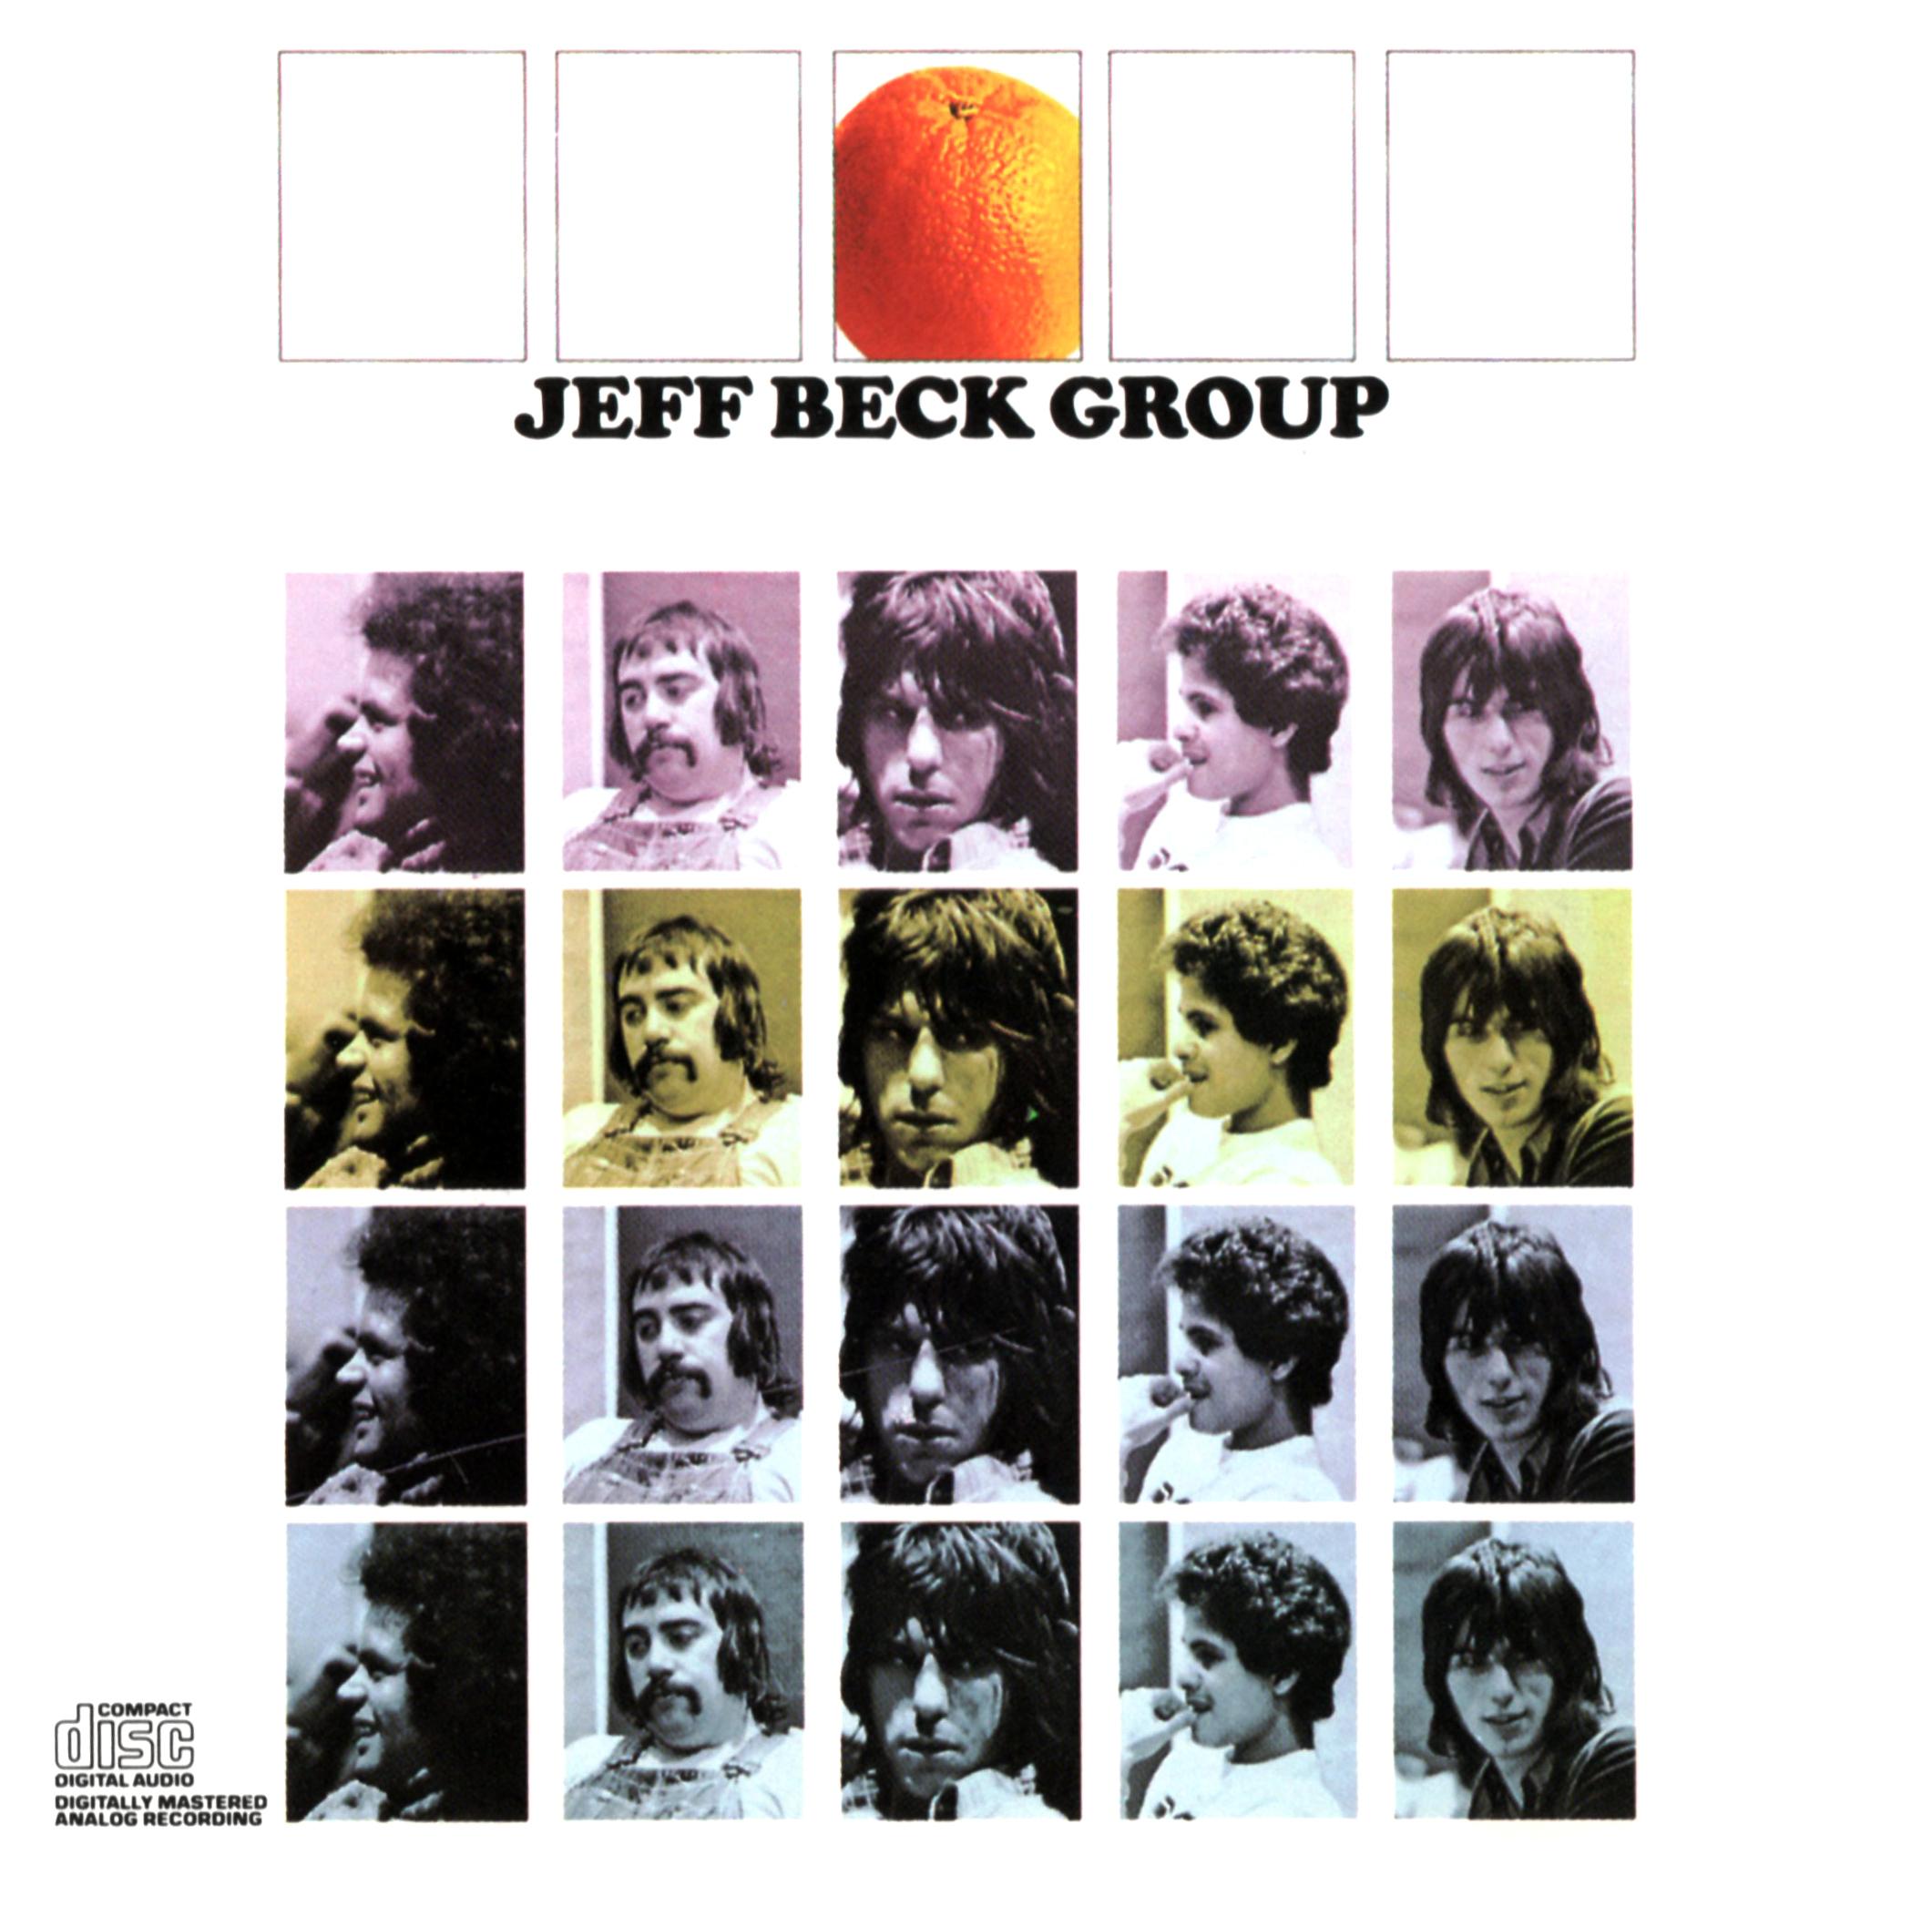 JEFF BECK GROUP (ジェフ・ベック・グループ)『JEFF BECK GROUP (ジェフ・ベック・グループ)』(US盤) 高画質CDジャケット画像